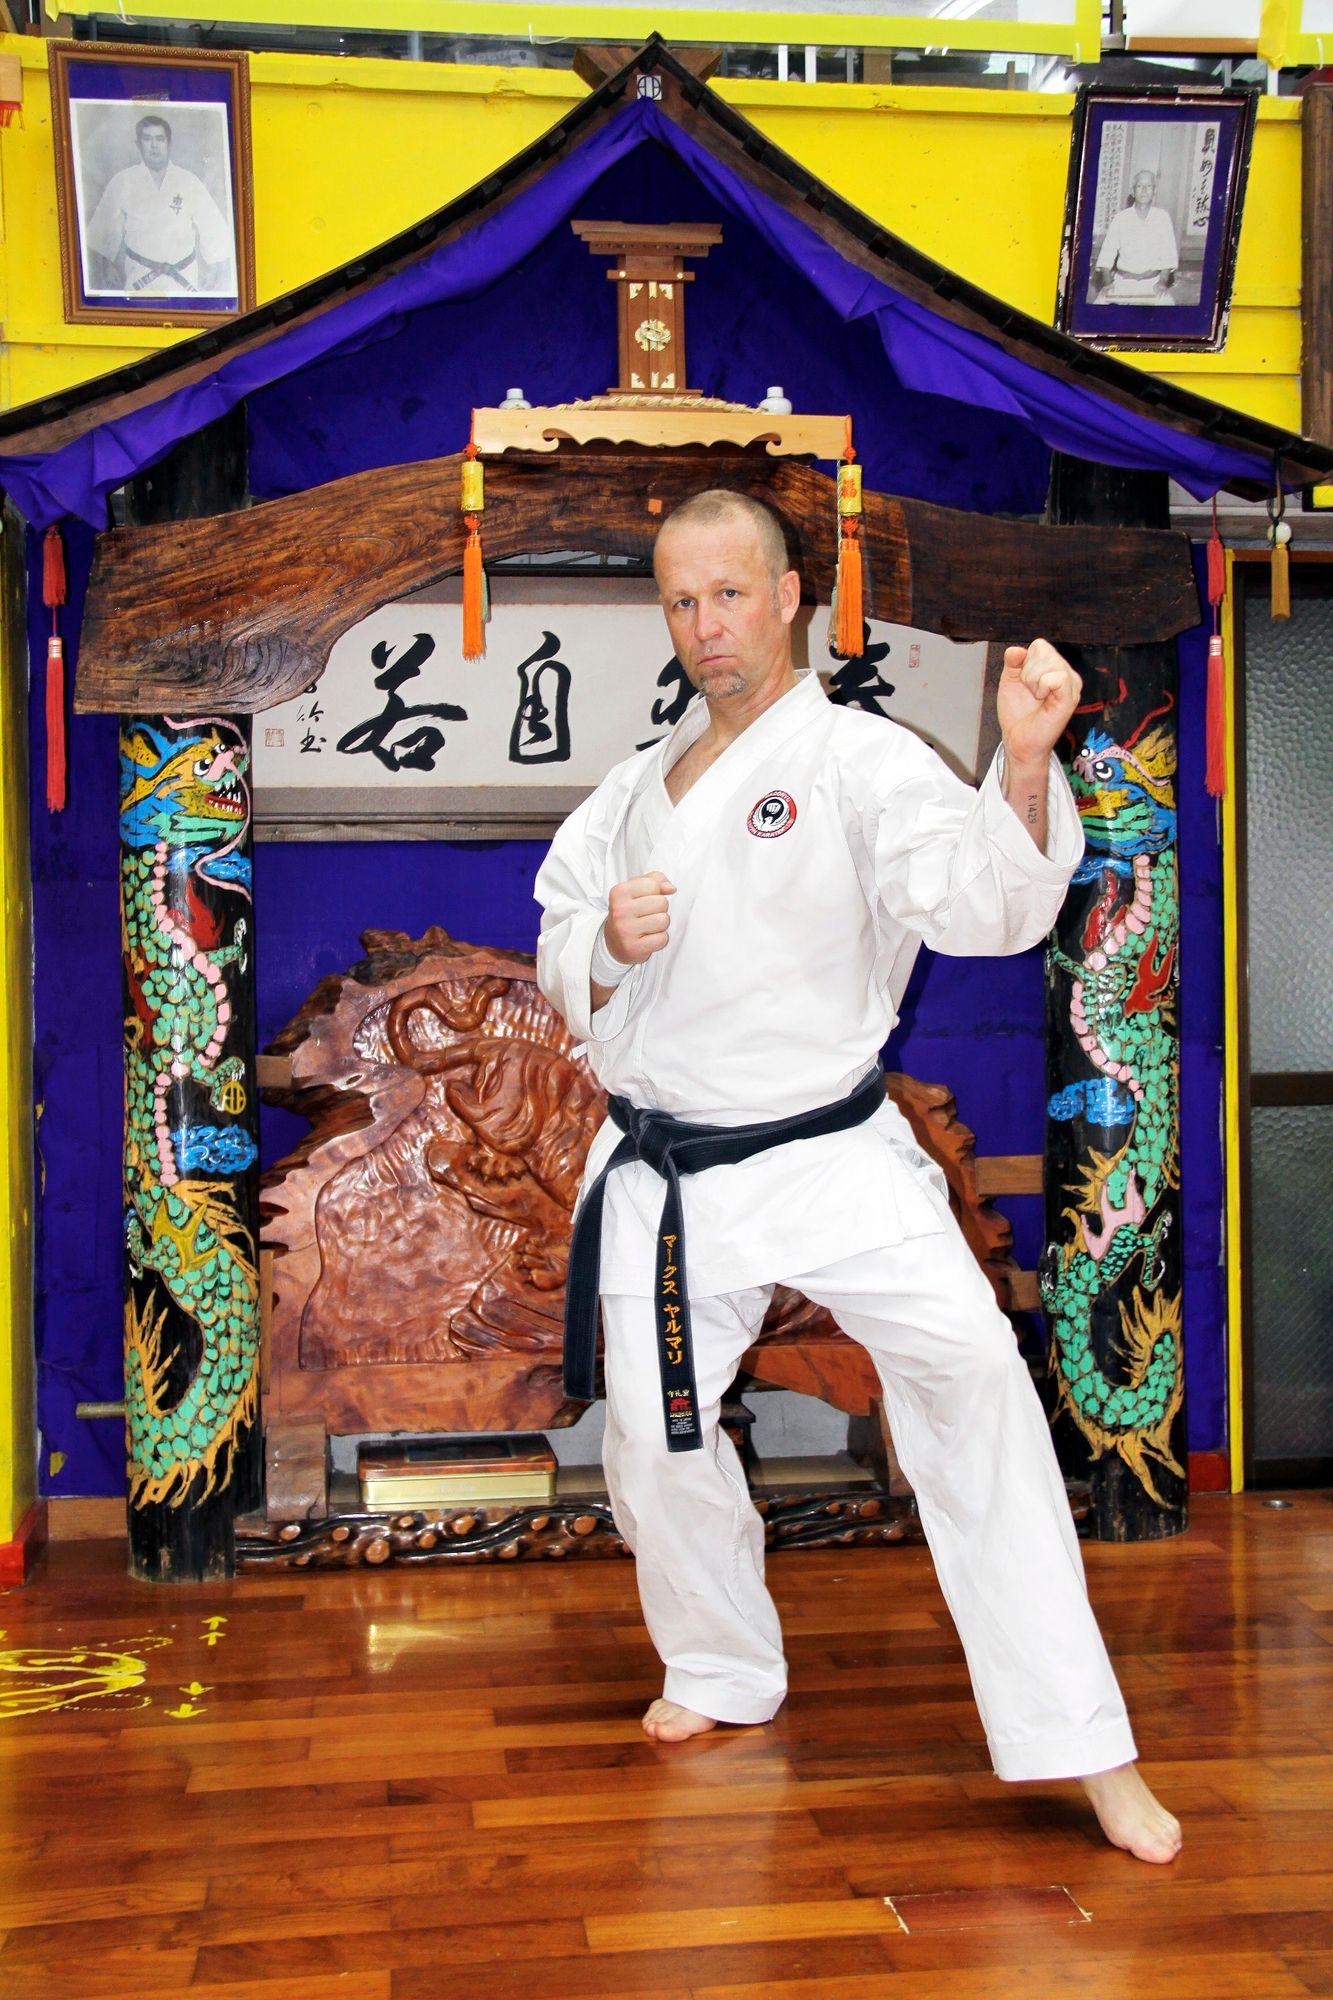 Jukka Jalonen karateleirillä Japanin Okinawalla vuonna 2012. Jalosella on musta vyö sekä Shukokai- että Ken Shi kai -tyylin karatessa. © Jukka Jalosen kotialbumi